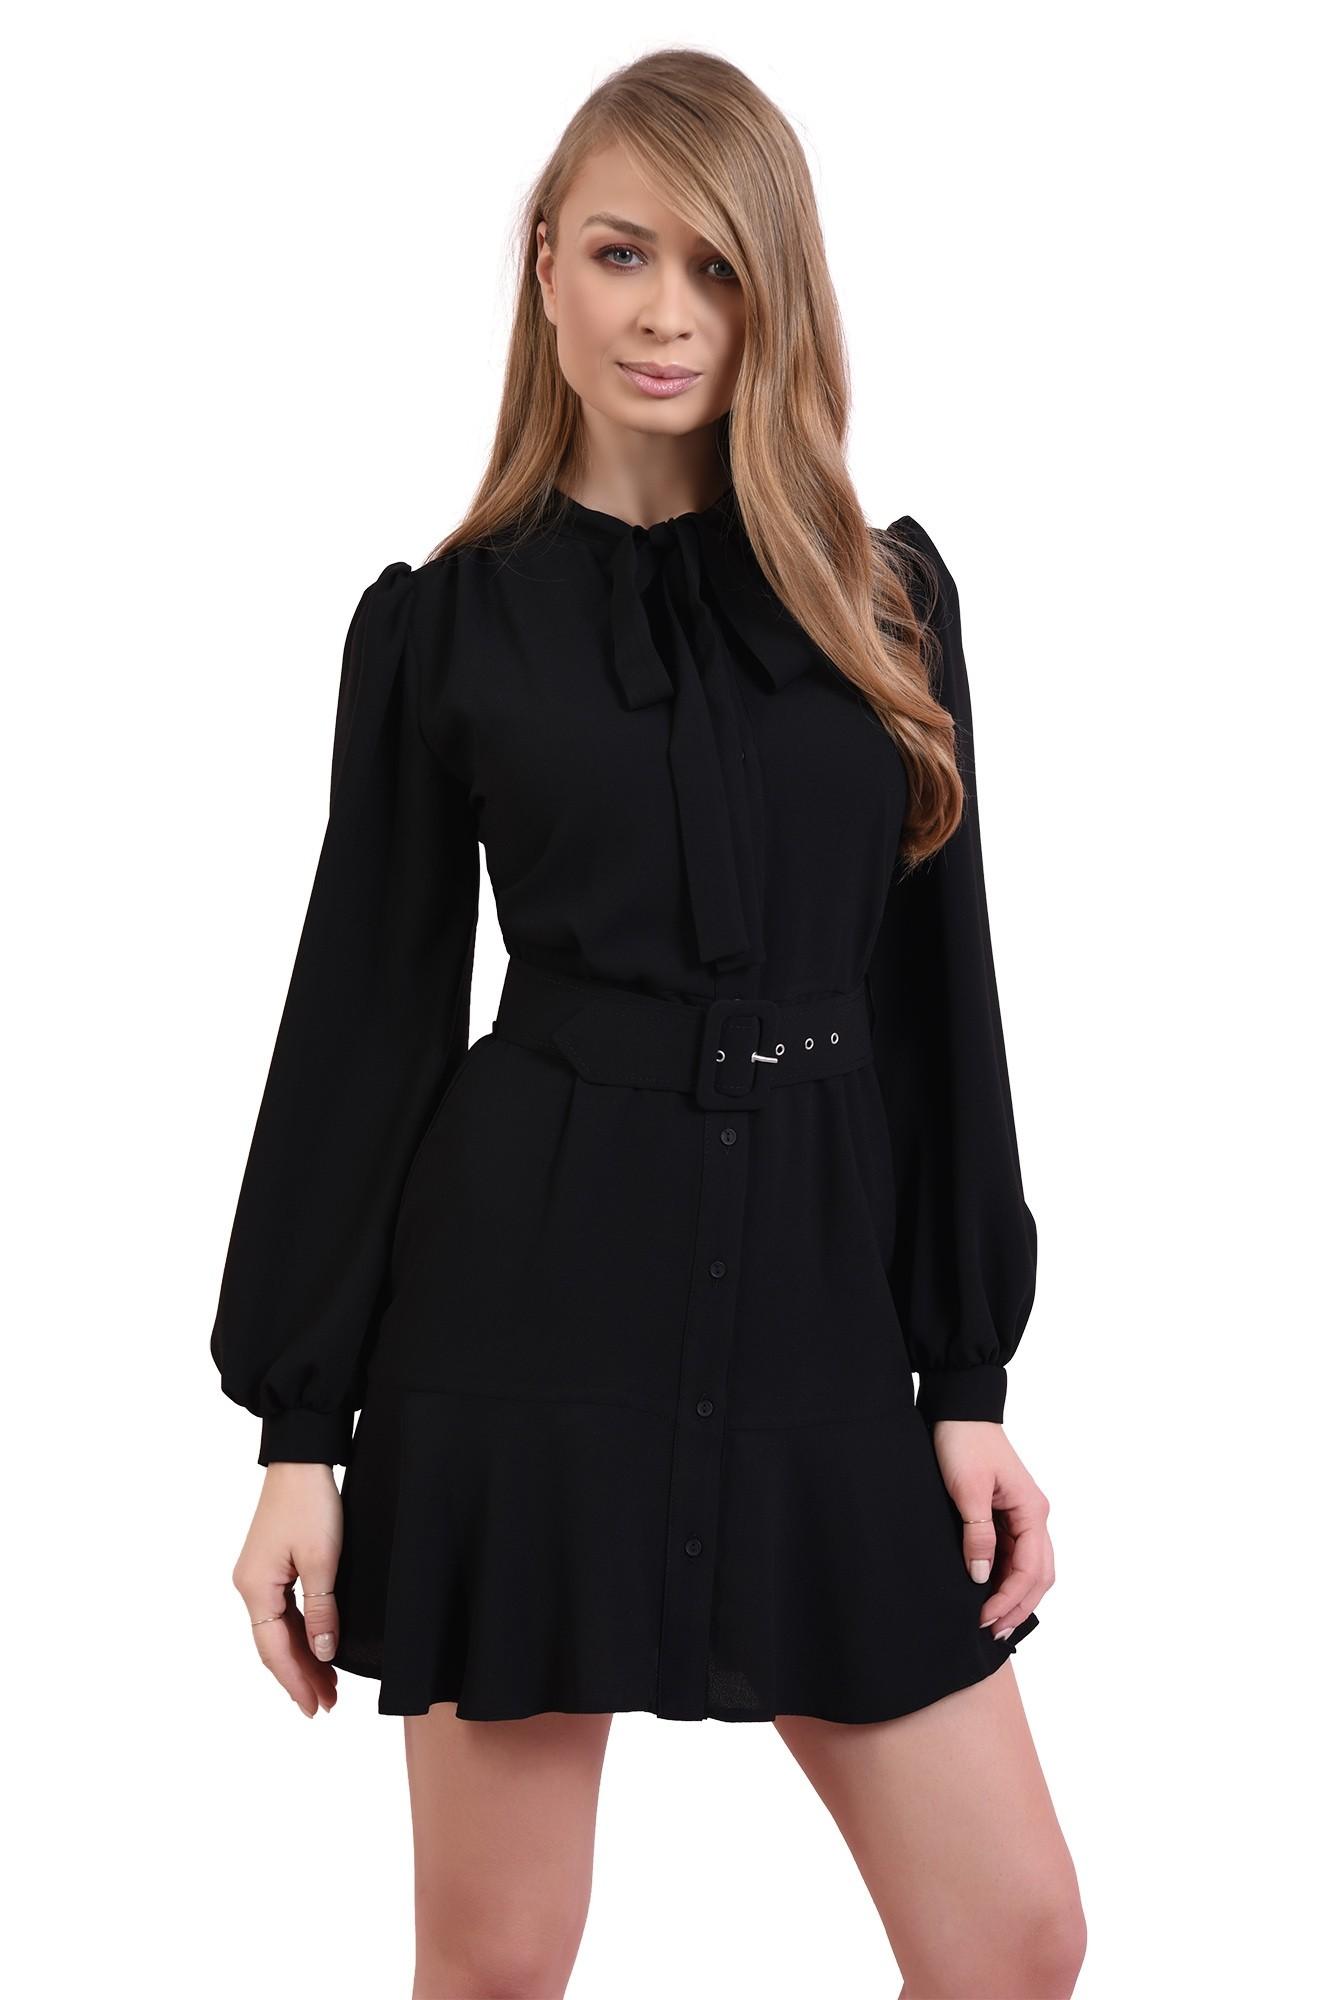 3 - rochie scurta, neagra, cu centura, cu funda